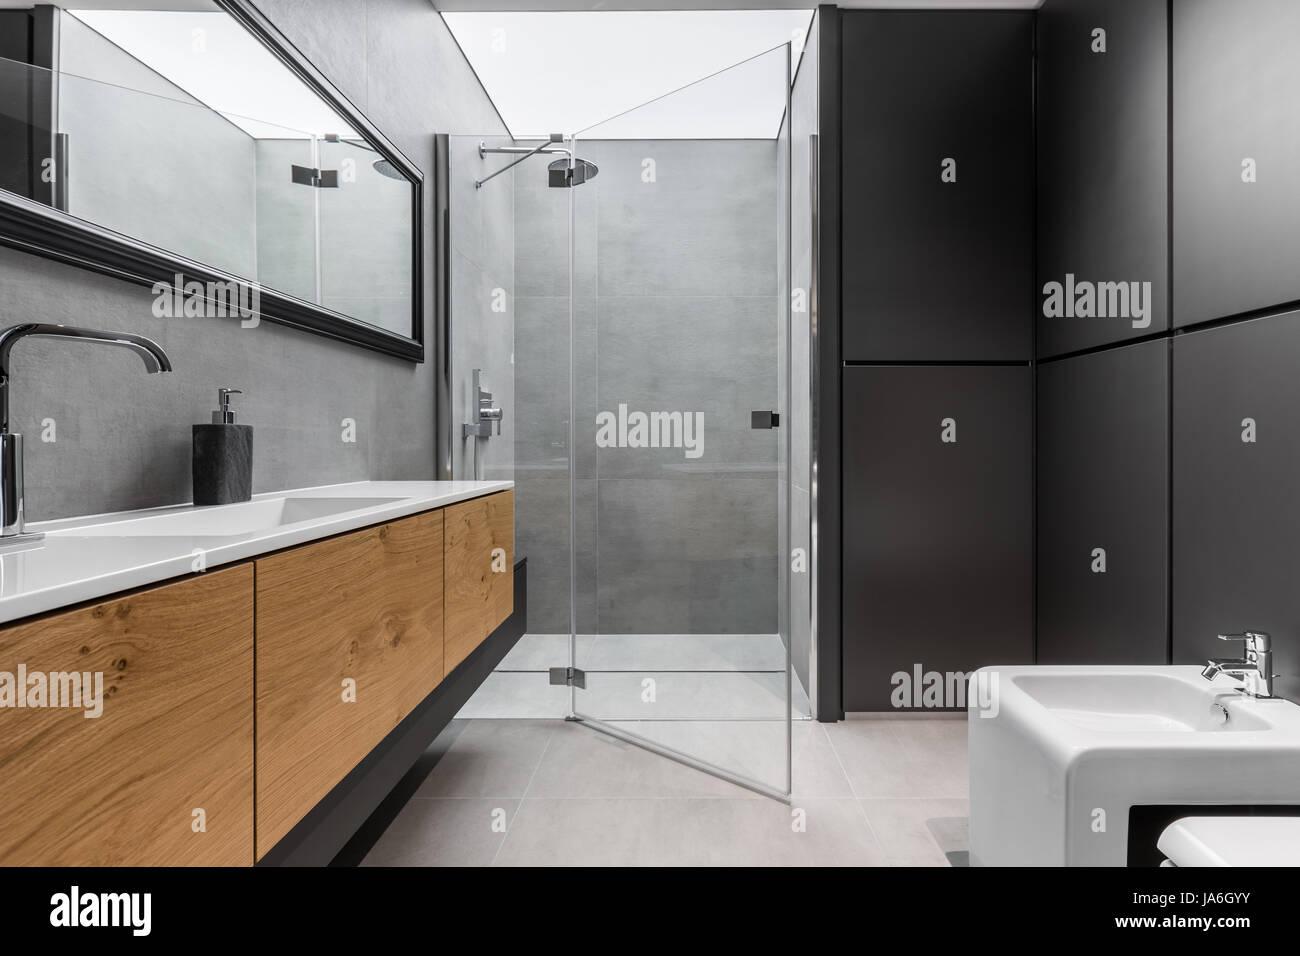 Faszinierend Schwarze Möbel Foto Von Moderne, Graue Und Bad Mit Dusche, Bidet,